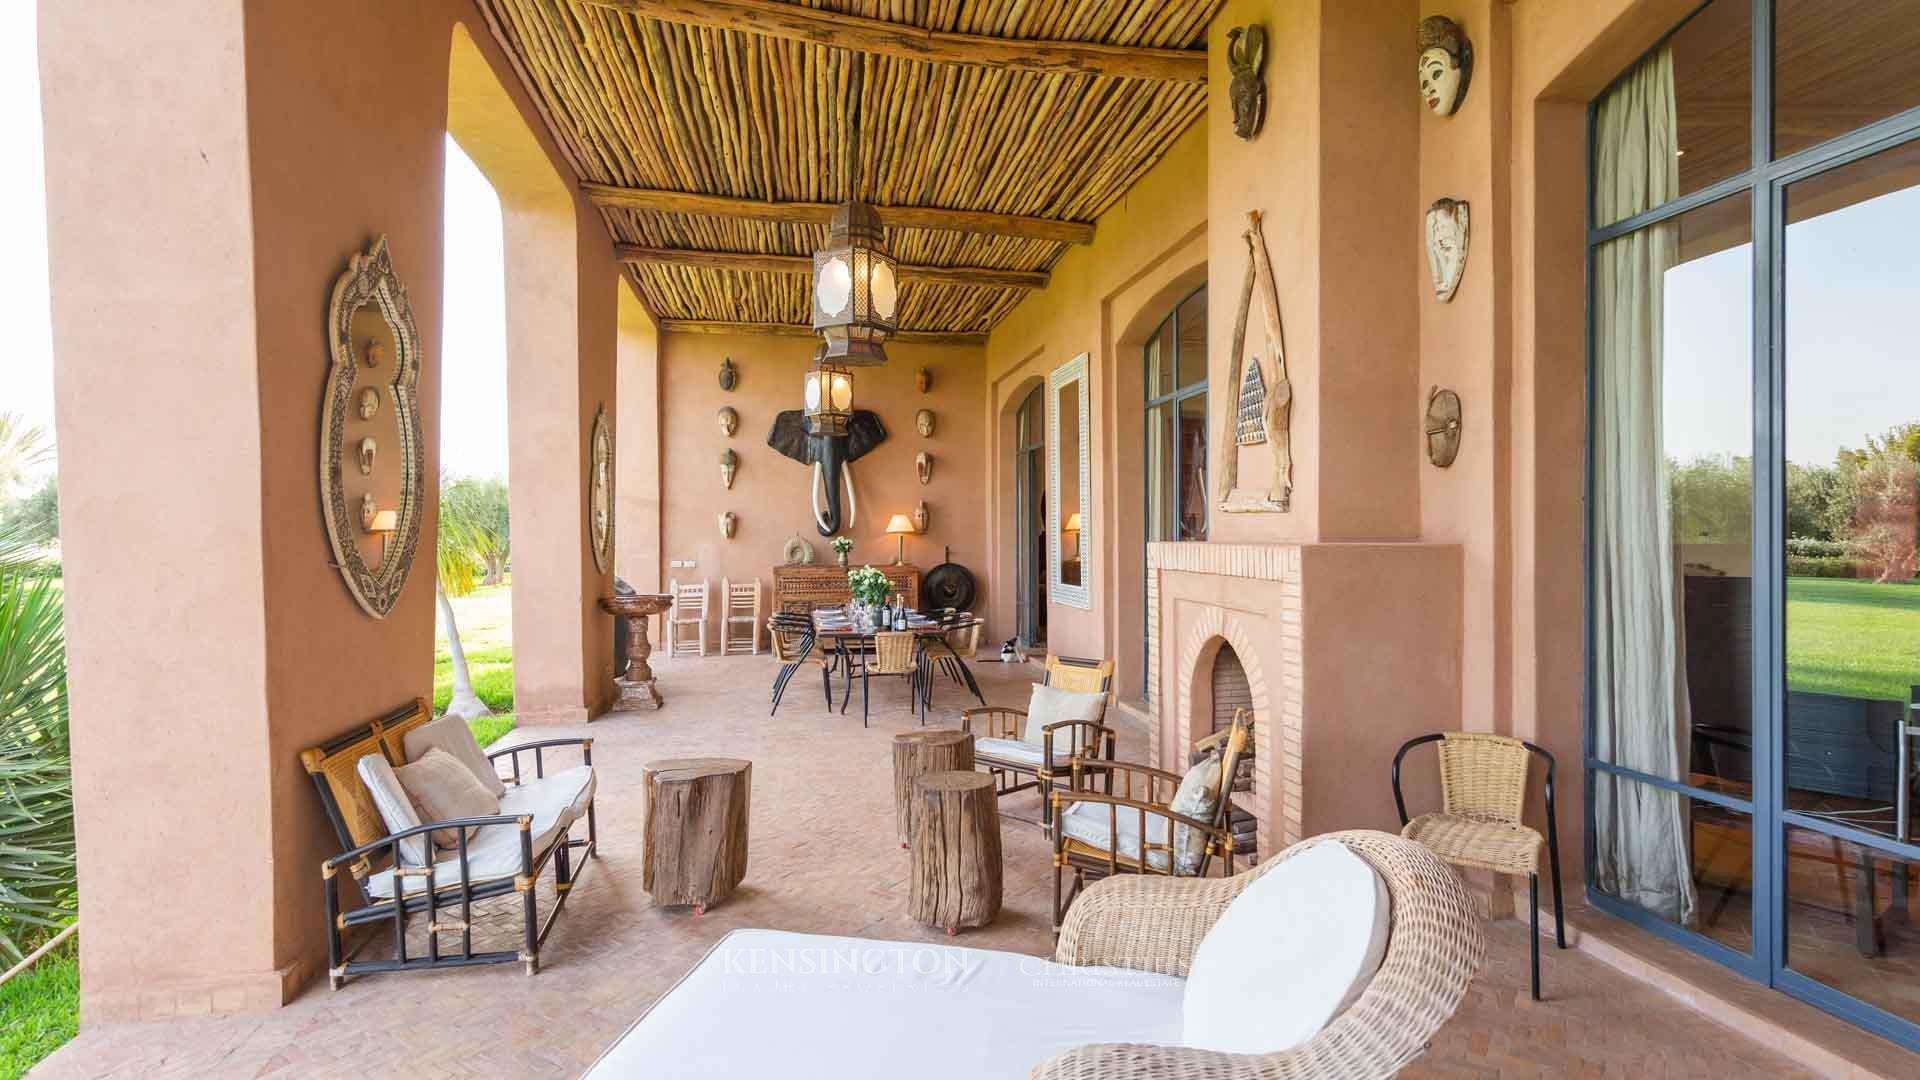 KPPM01057: Villa Keyra Luxury Villa Marrakech Morocco